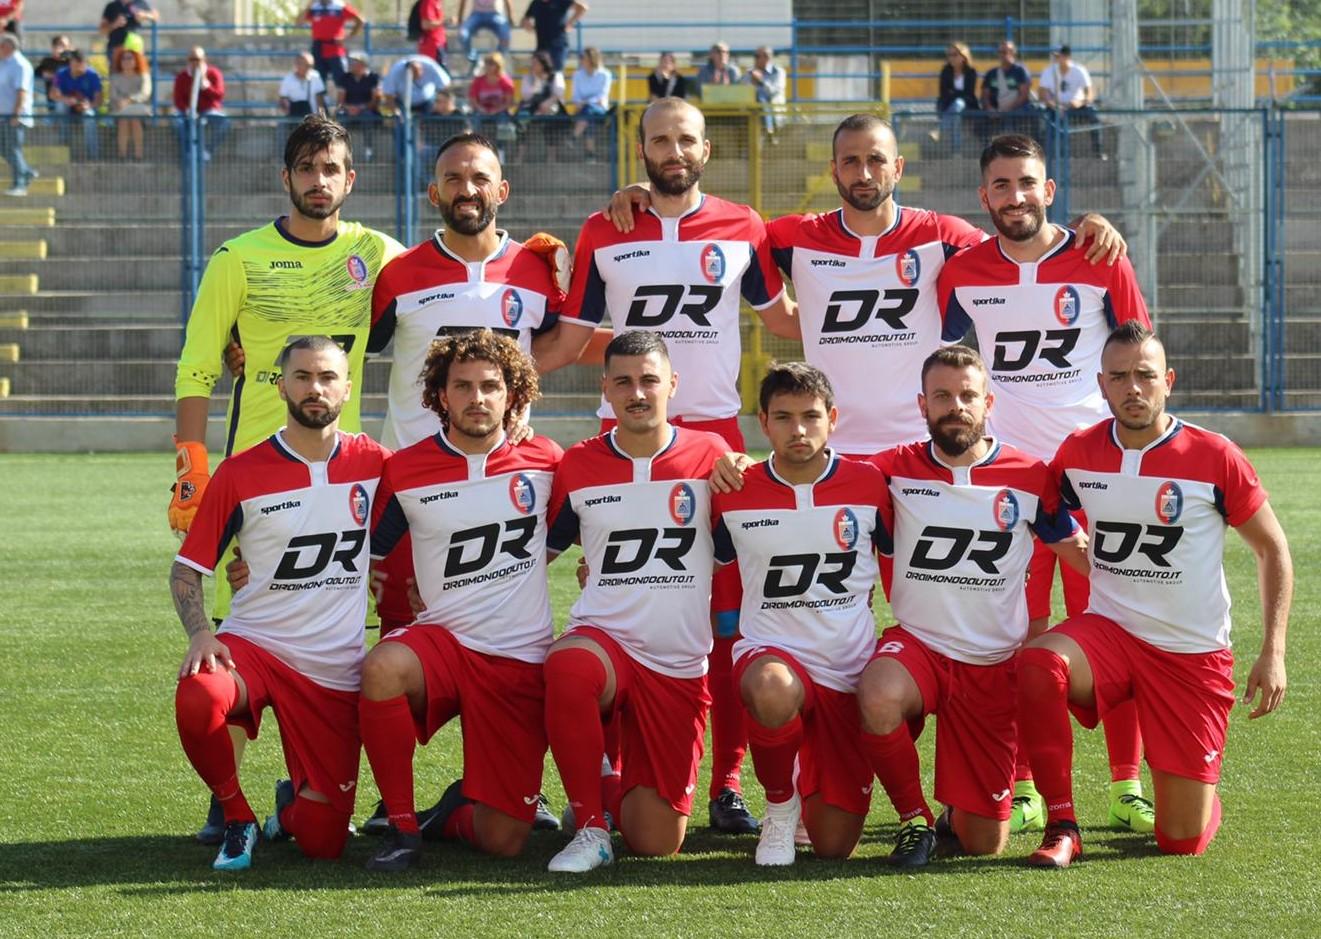 Calcio, Promozione: il Frigintini  fa 1 a 1 e torna da Siracusa con un punto prezioso